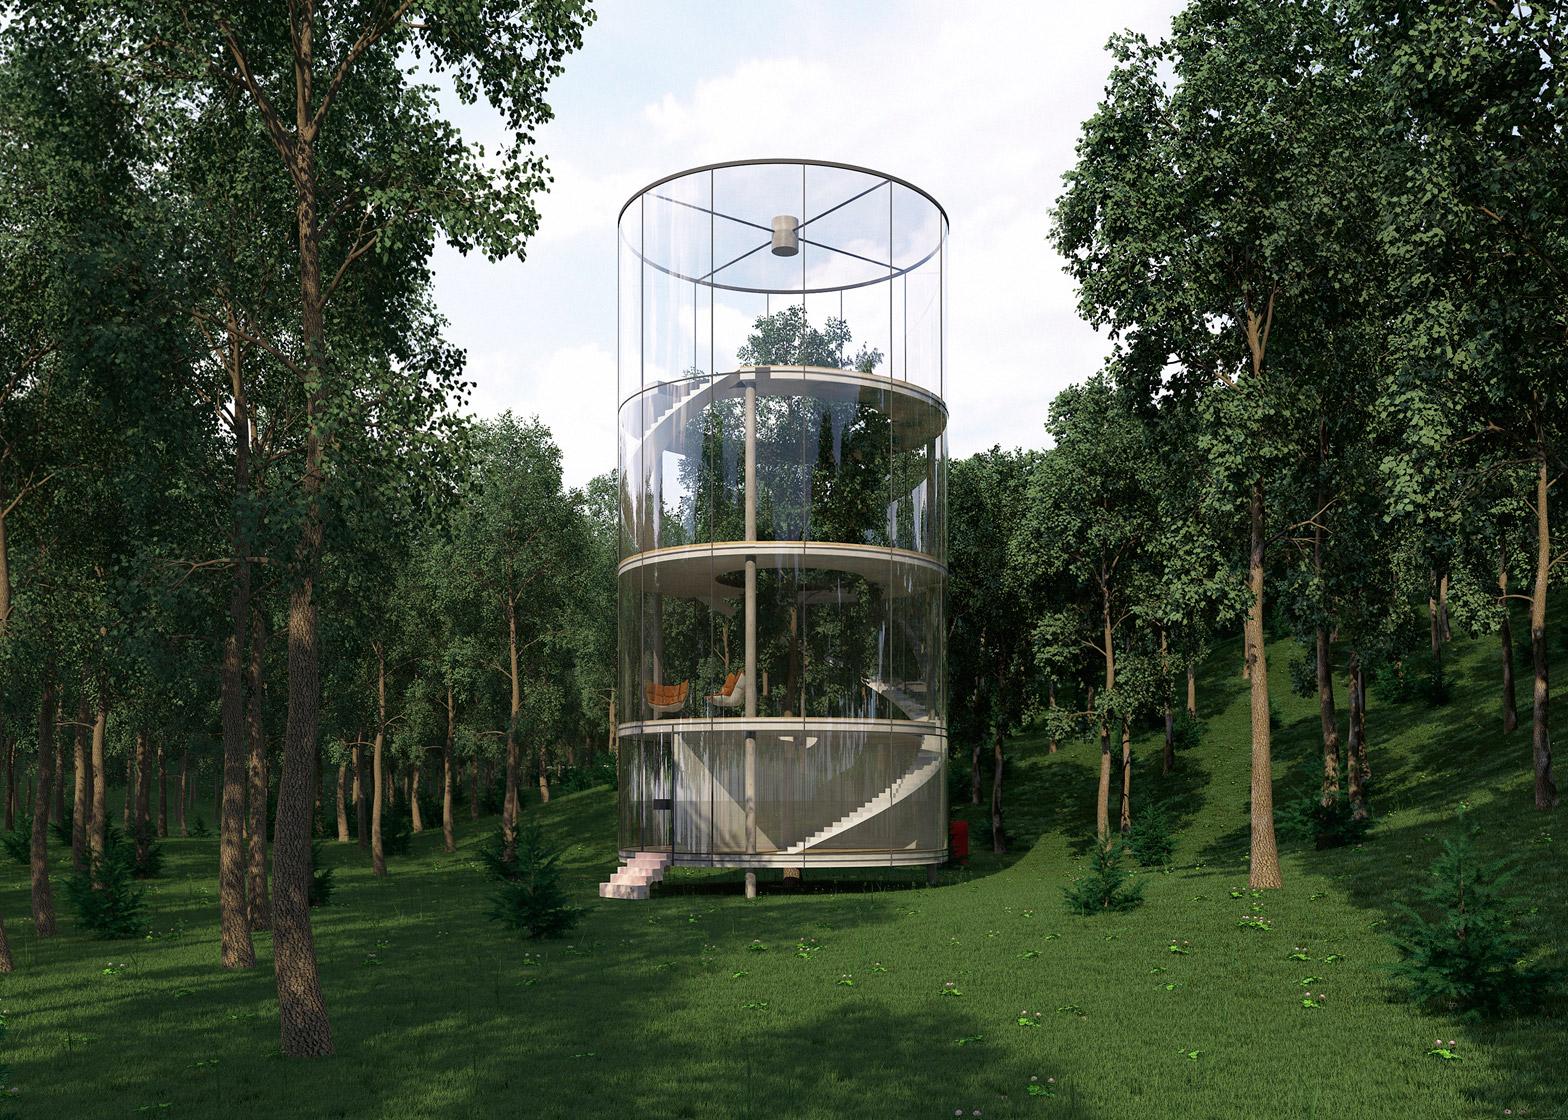 Tree in the house, una casa costruita intorno ad un albero | Collater.al 5